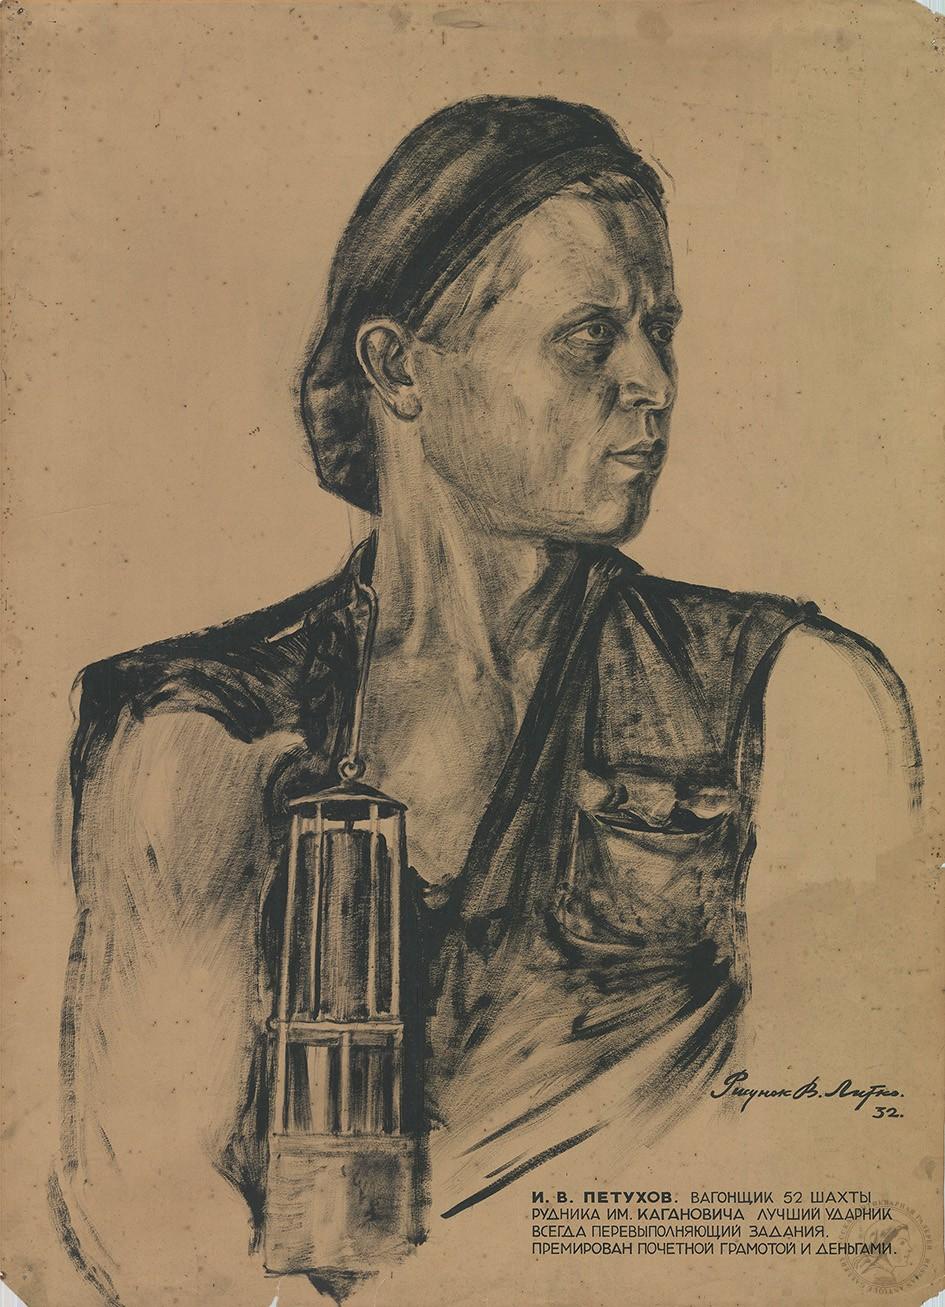 Рисунок «И.В.Петухов. Вагонщик 52 шахты рудника им.Кагановича»